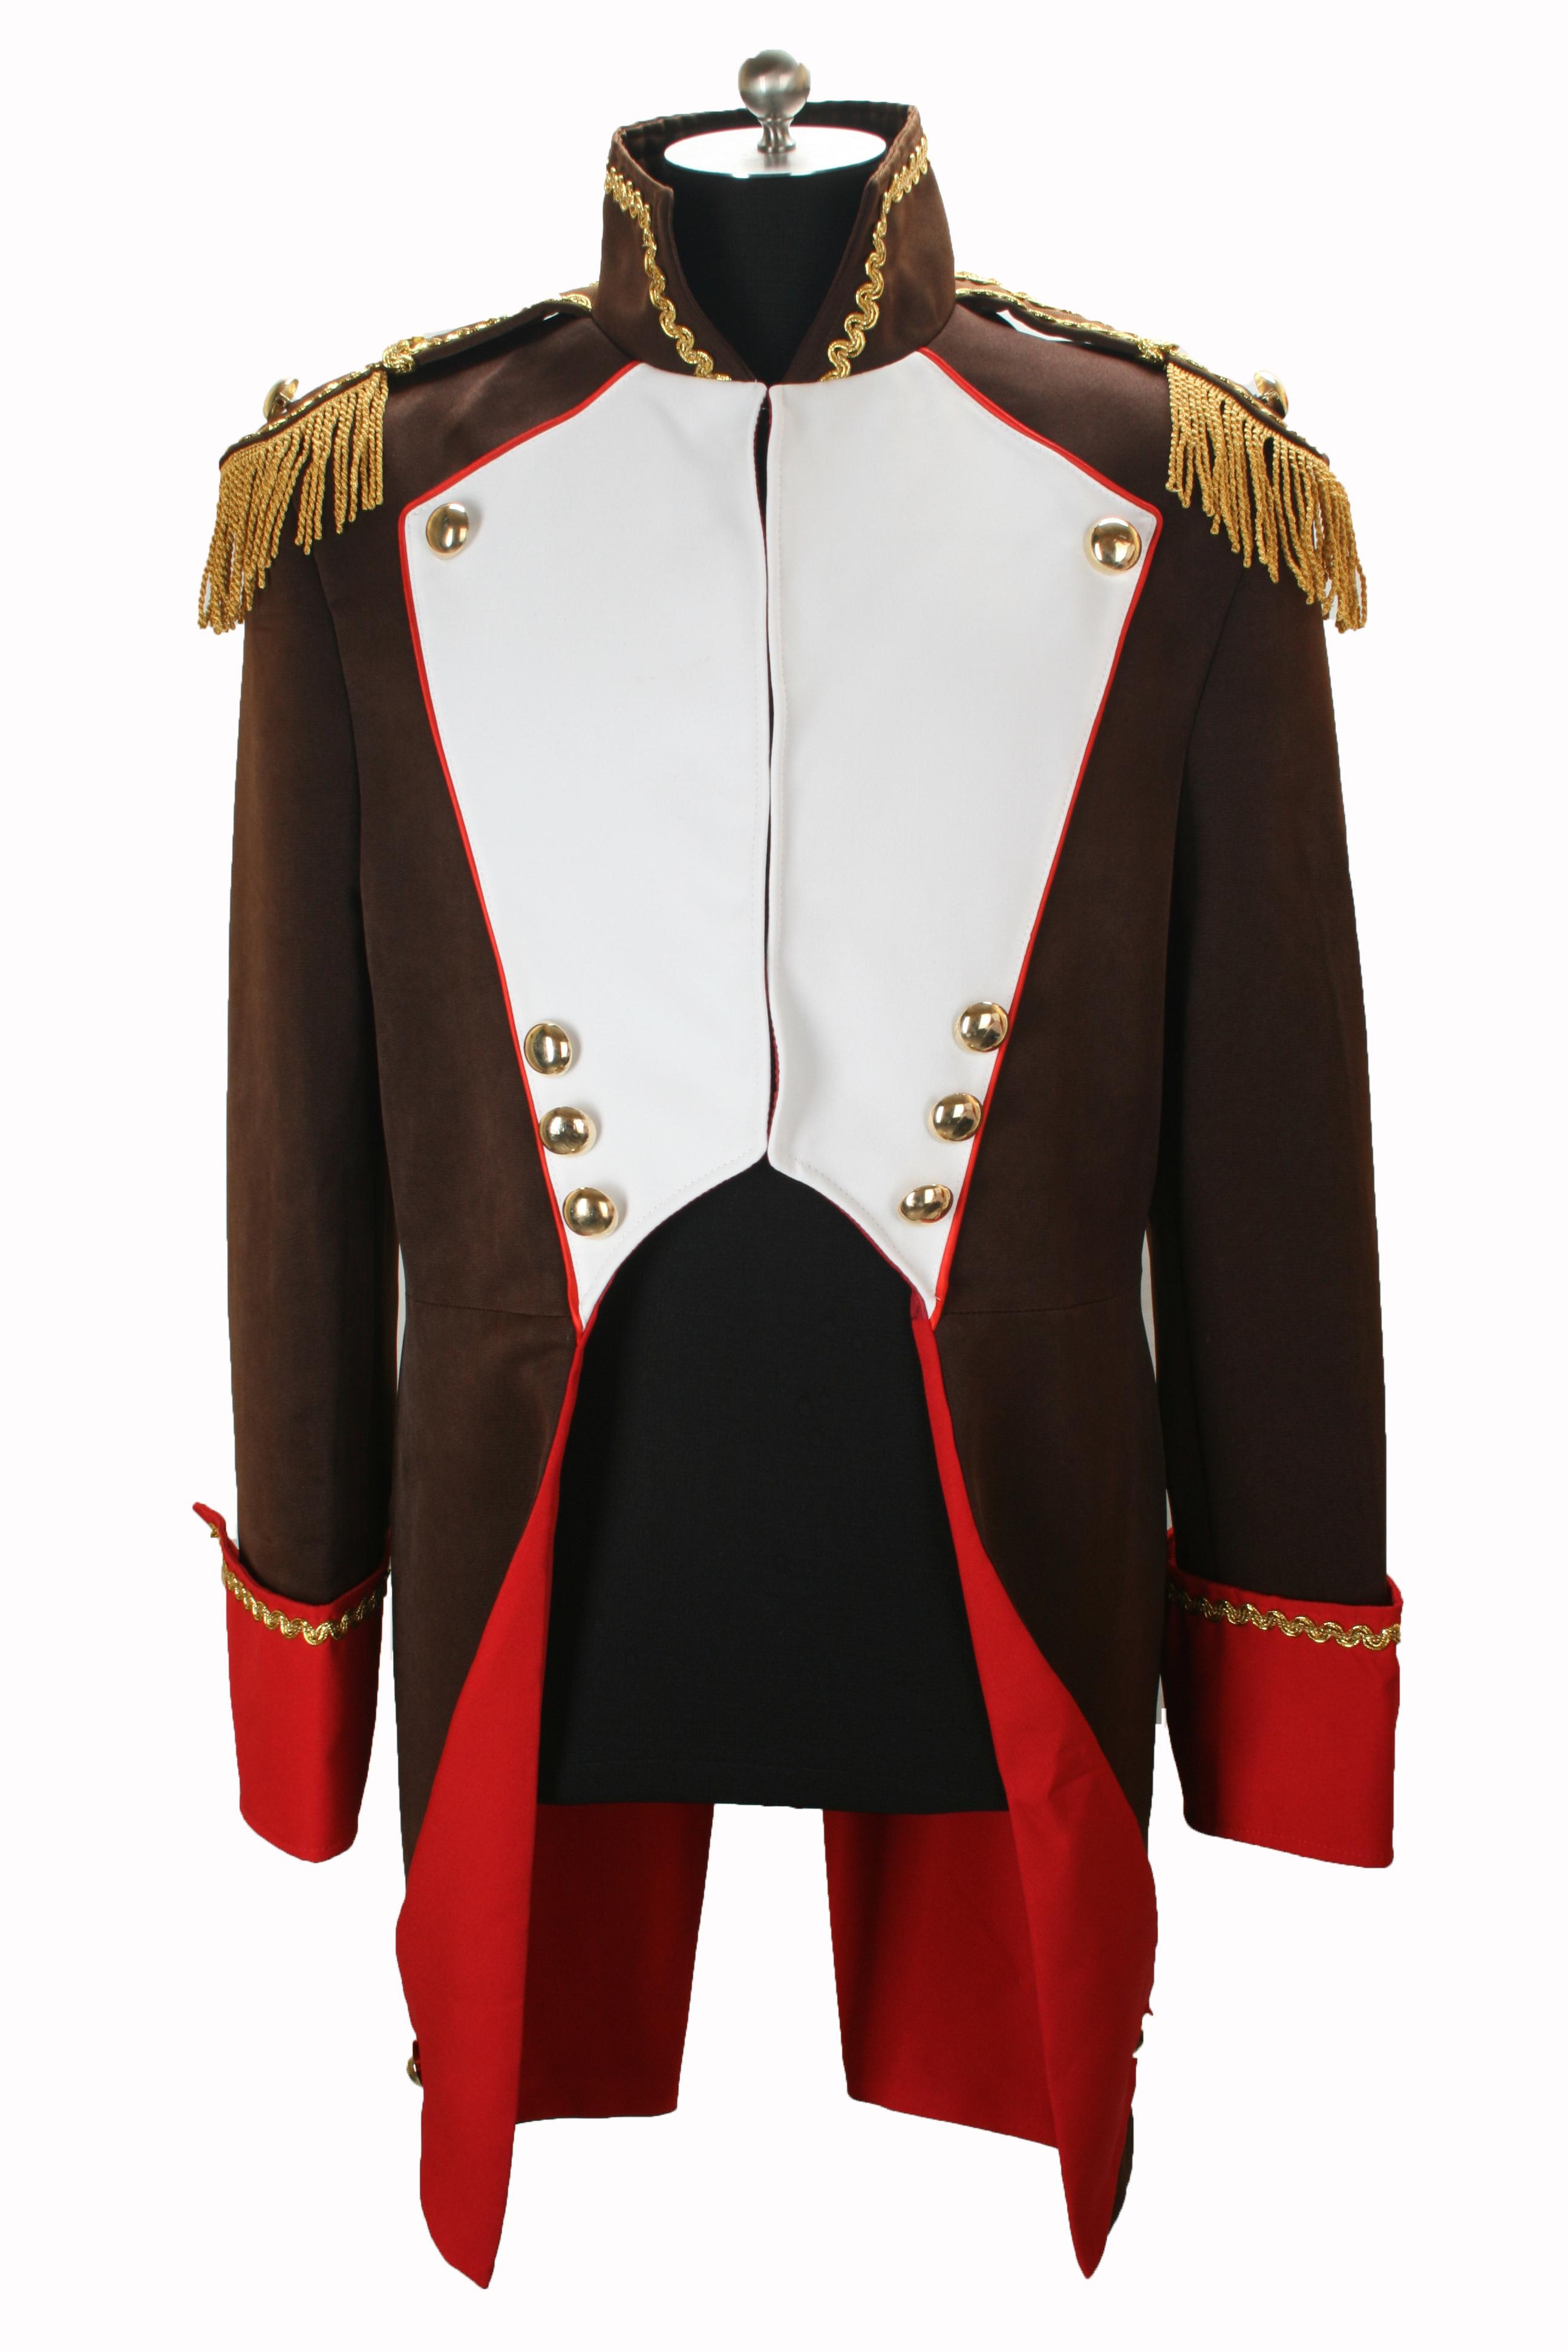 soldat napoleon jacke karnevalskost m uniform fasching gehrock. Black Bedroom Furniture Sets. Home Design Ideas